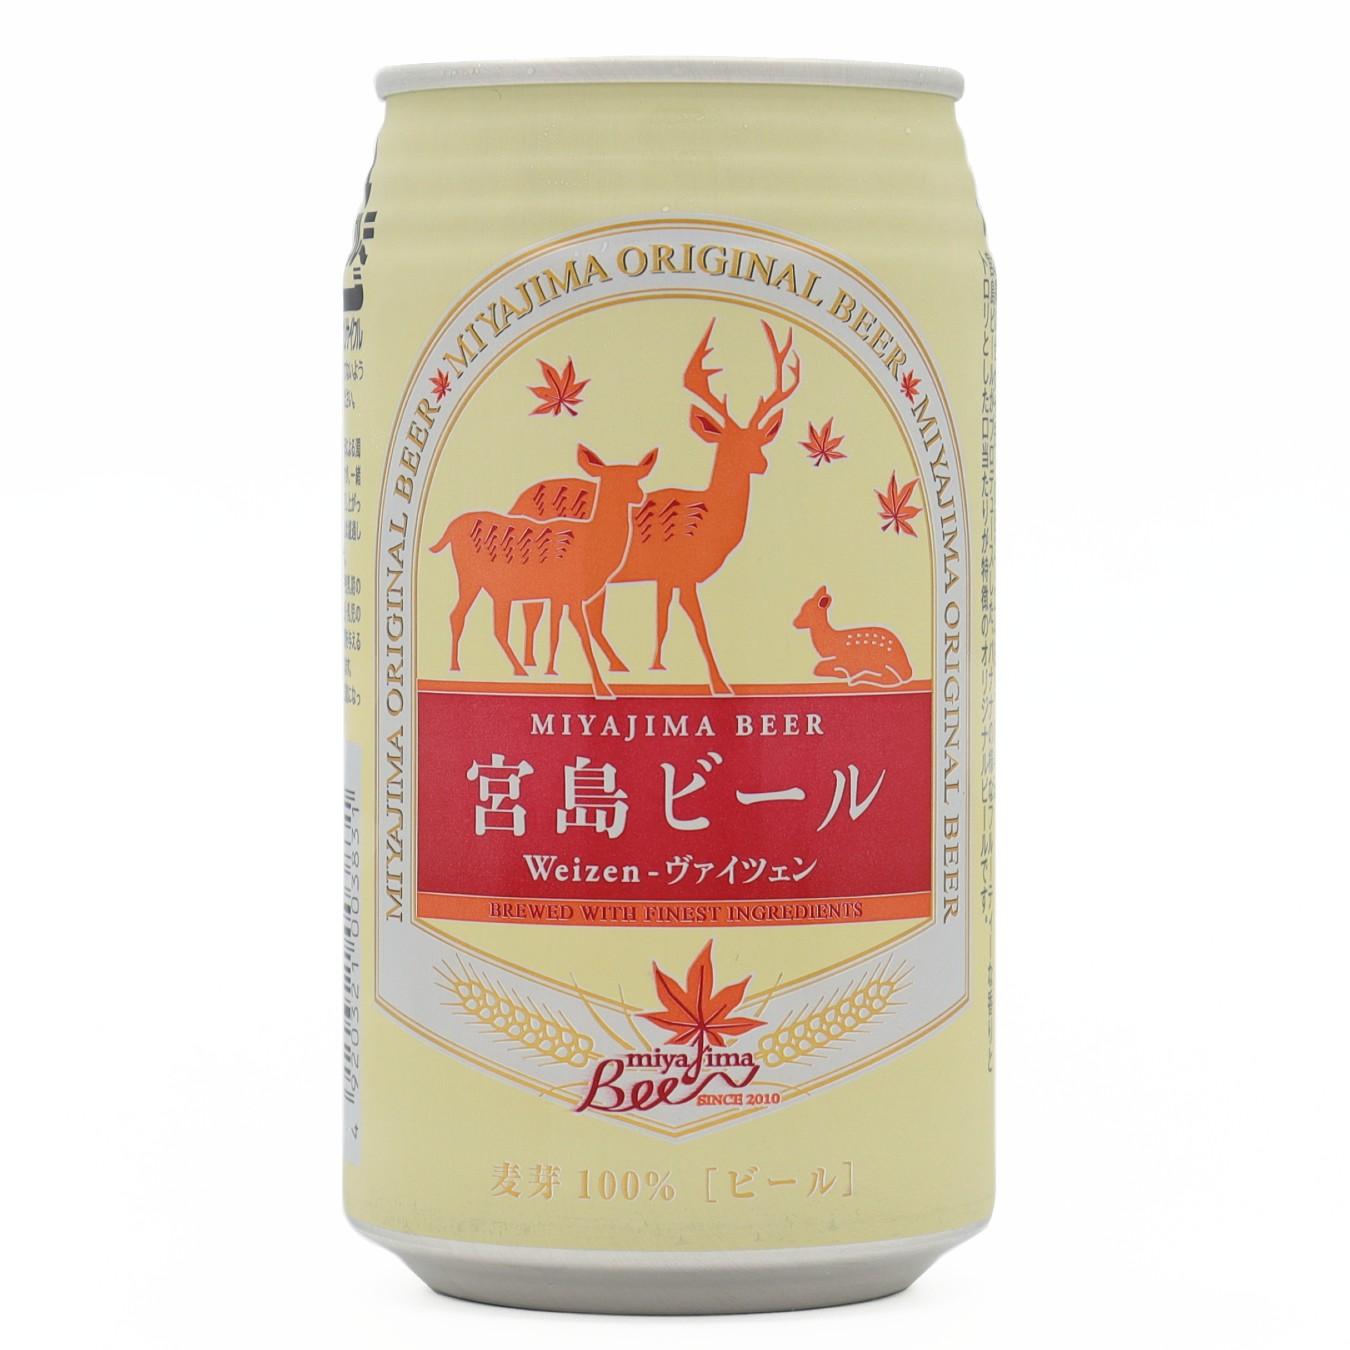 宮島ビール ヴァイツェン